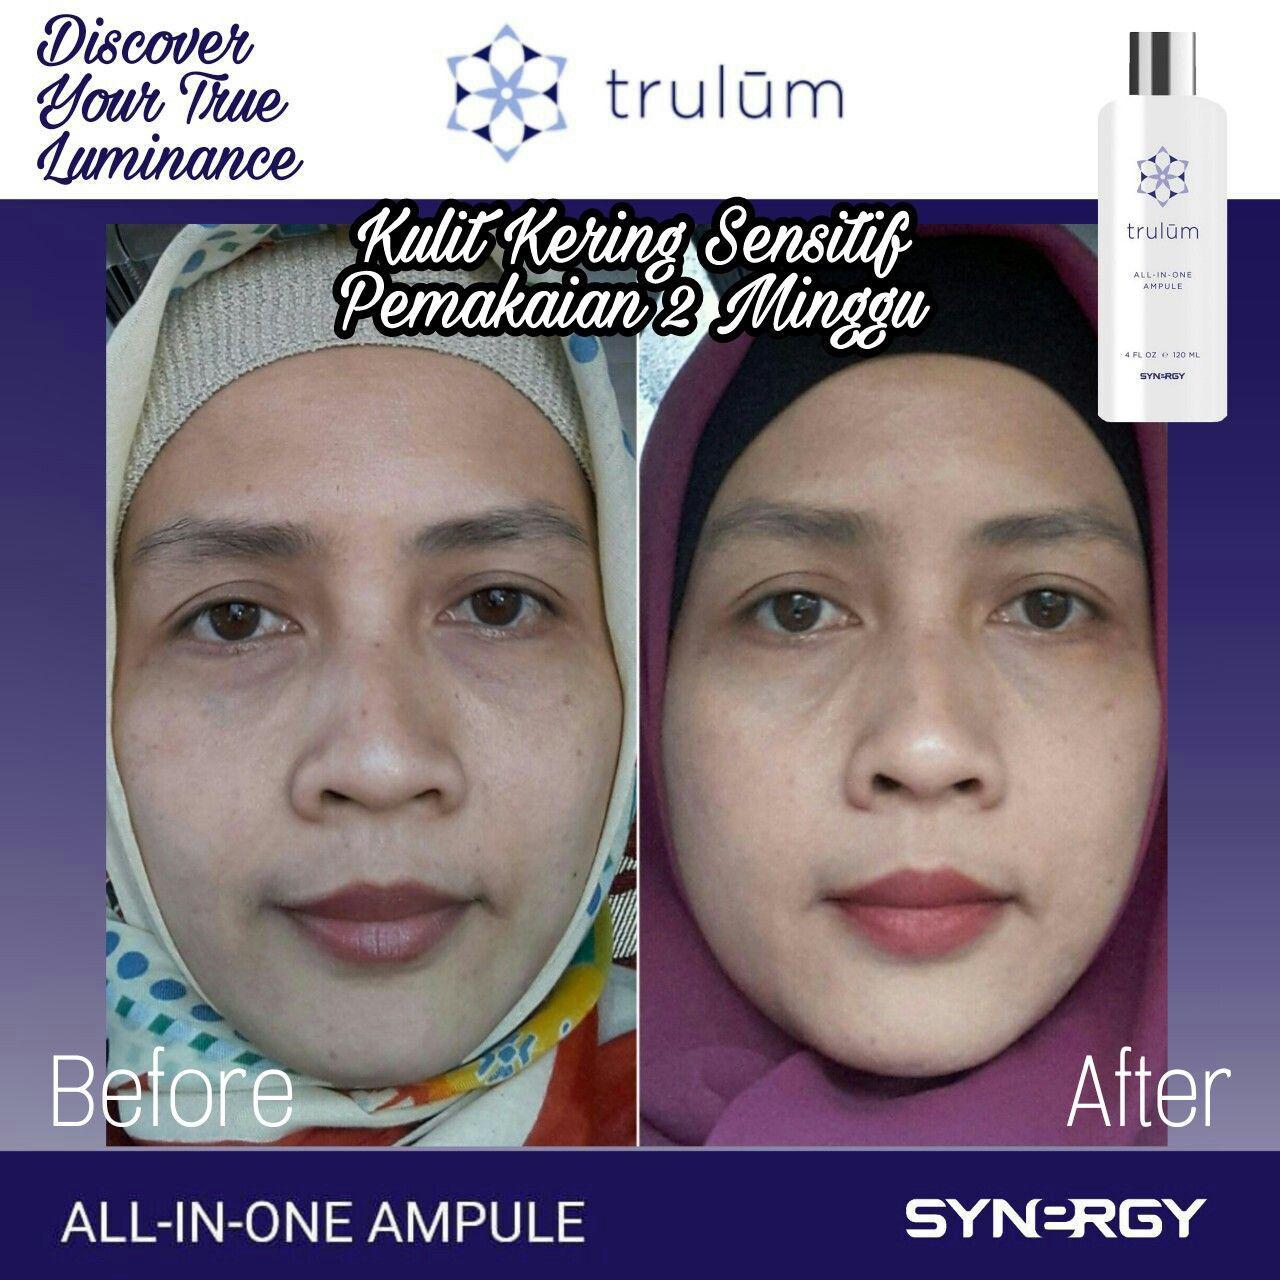 Klinik Kecantikan Trulum Skincare Synergy Di Kerajaan, Pakpak Bharat WA: 08112338376